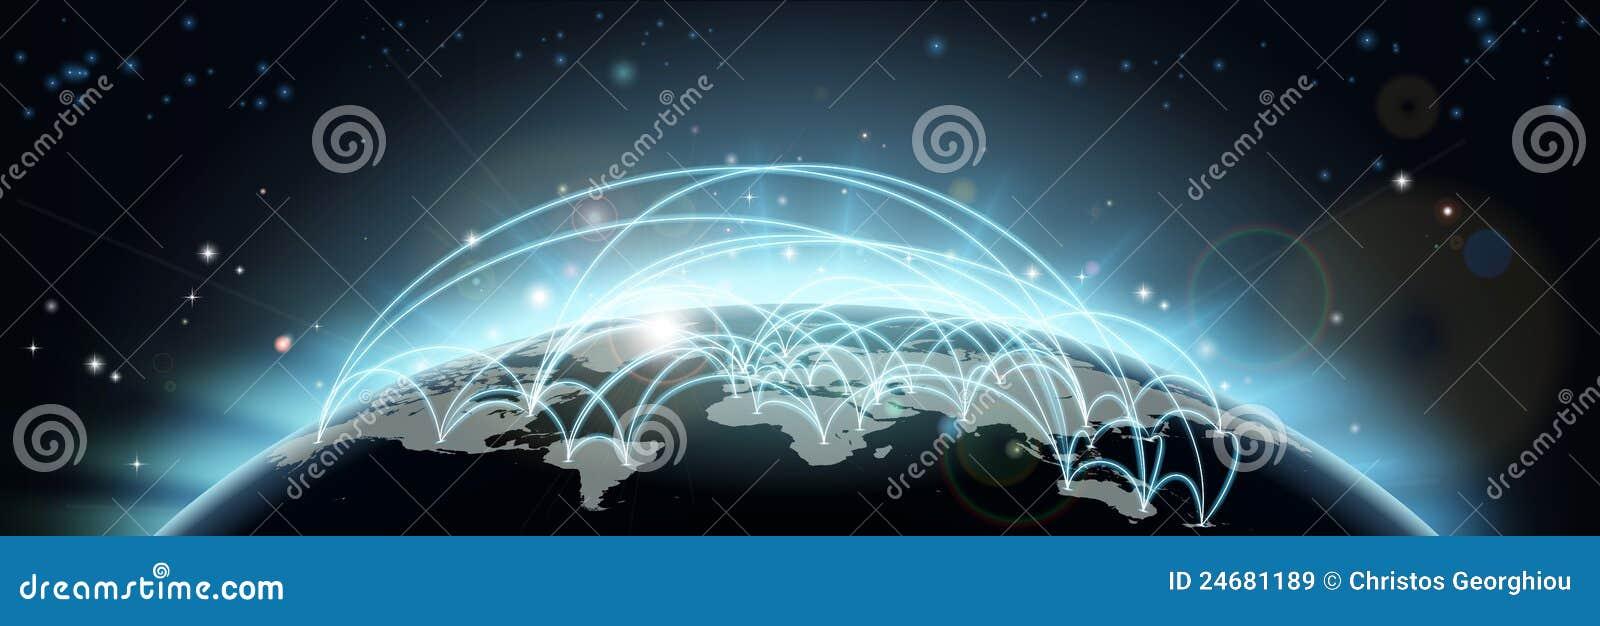 De reis van de wereld of communicatie kaart royalty vrije stock afbeeldingen afbeelding 24681189 - De thuisbasis van de wereld chesterfield ...